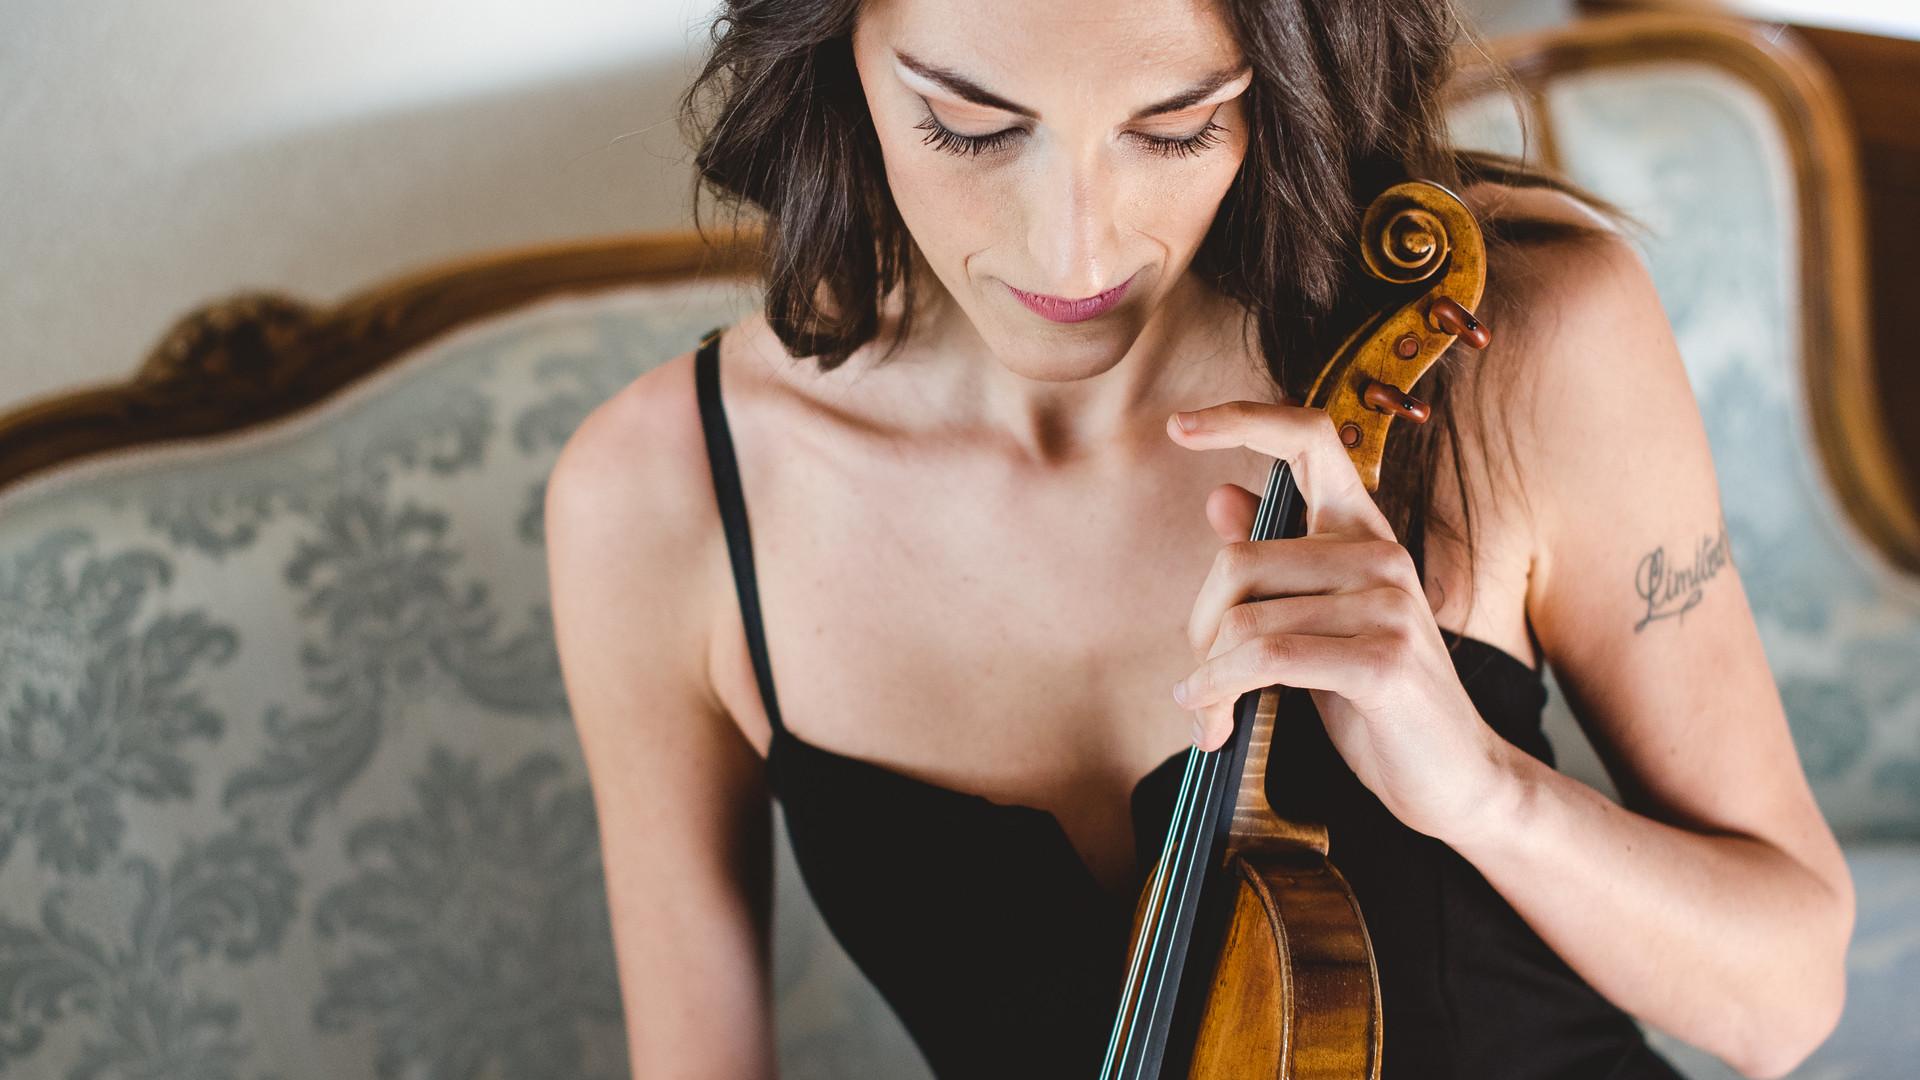 01_Irene Abrigo - Photo Credits Sophie R